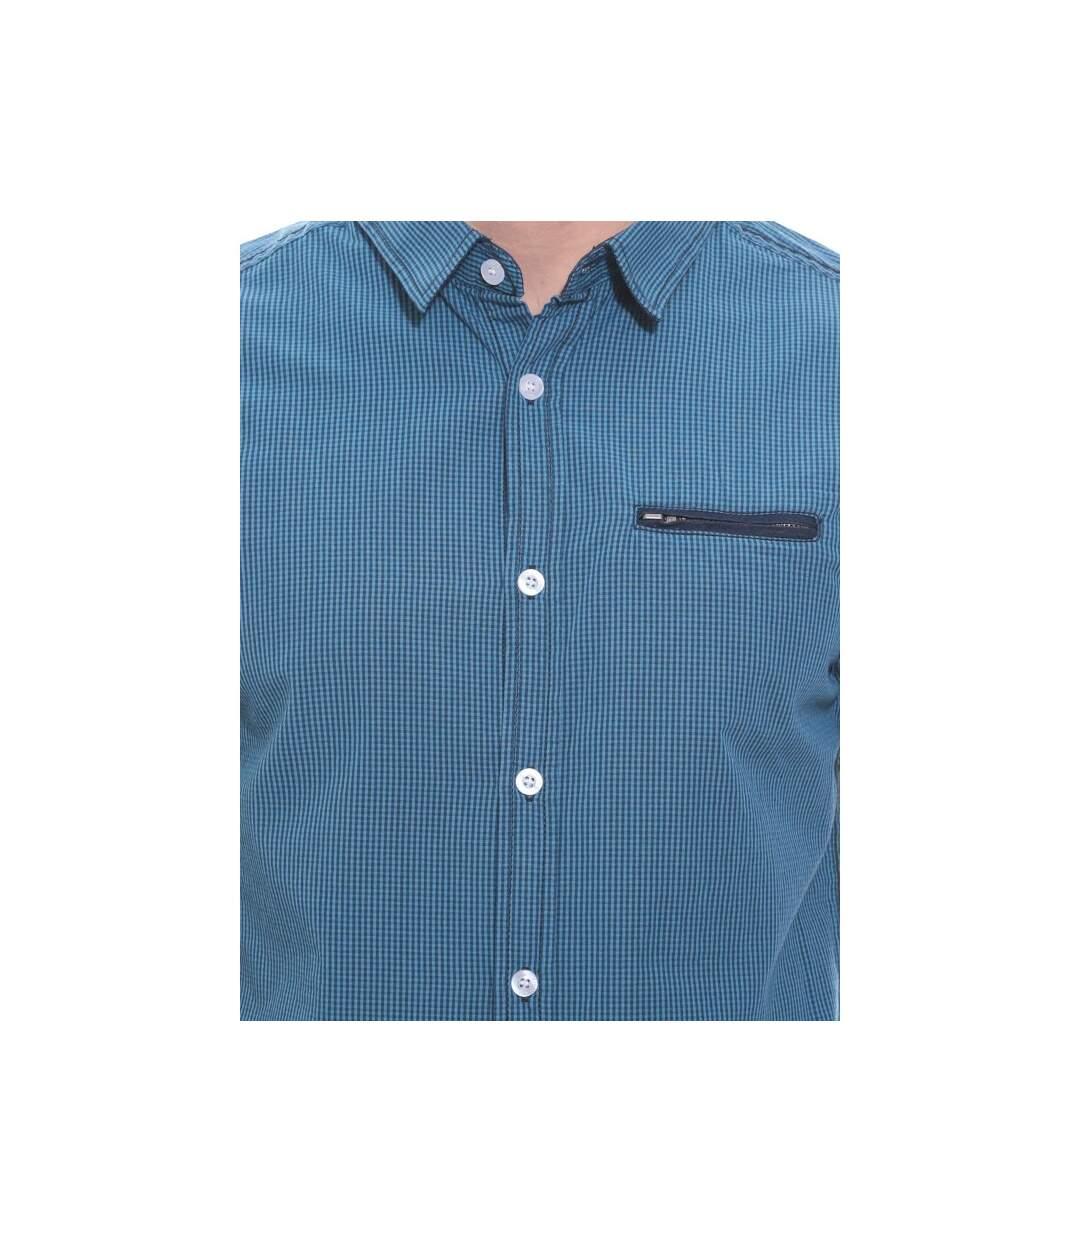 Chemise à petits carreaux en coton DATTE - RITCHIE